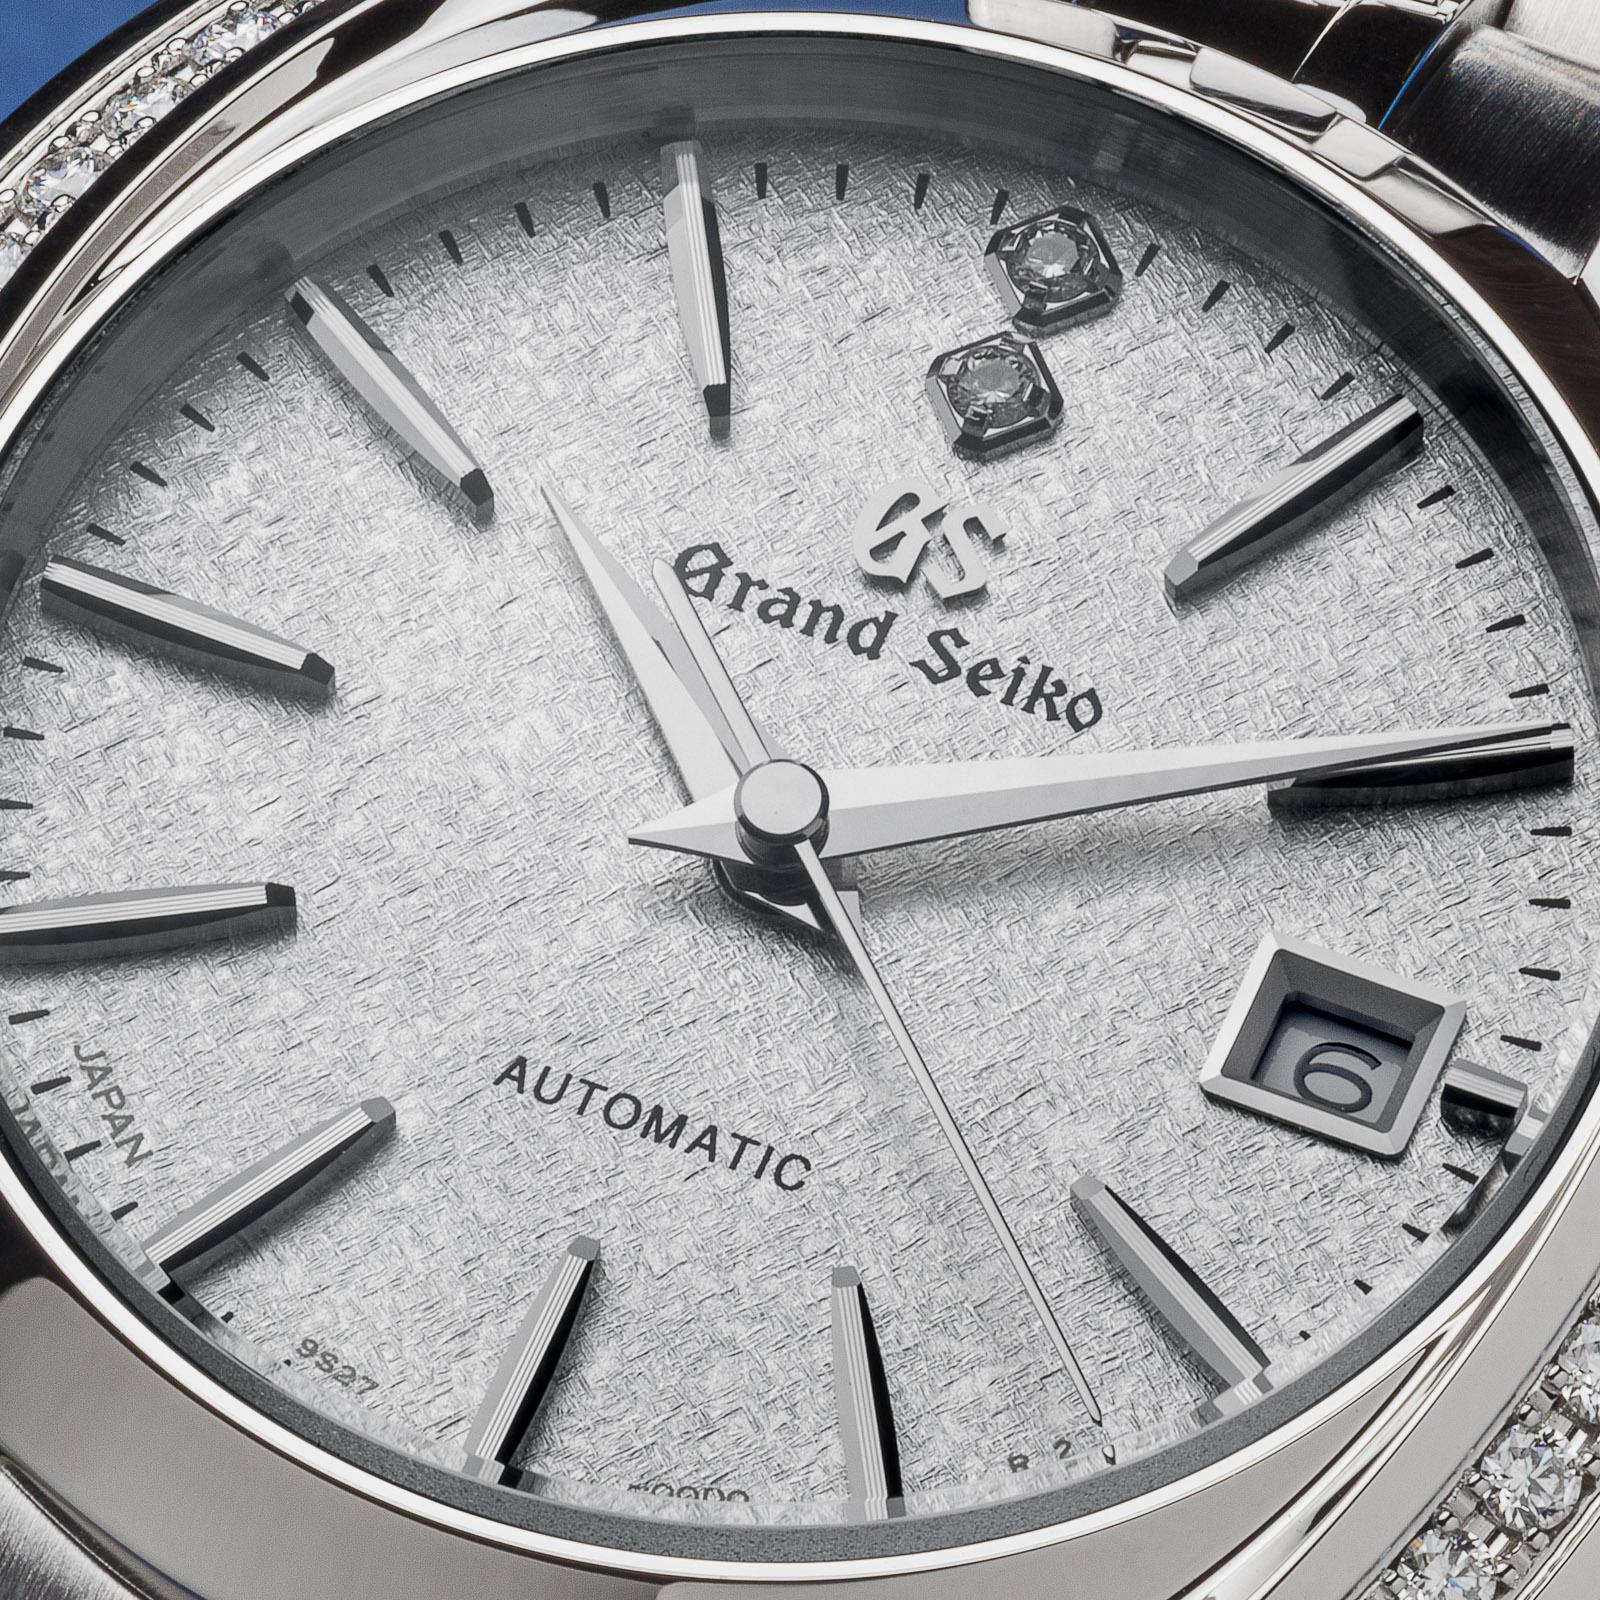 Grand Seiko wristwatch STGK011 - macro of white textured dial.